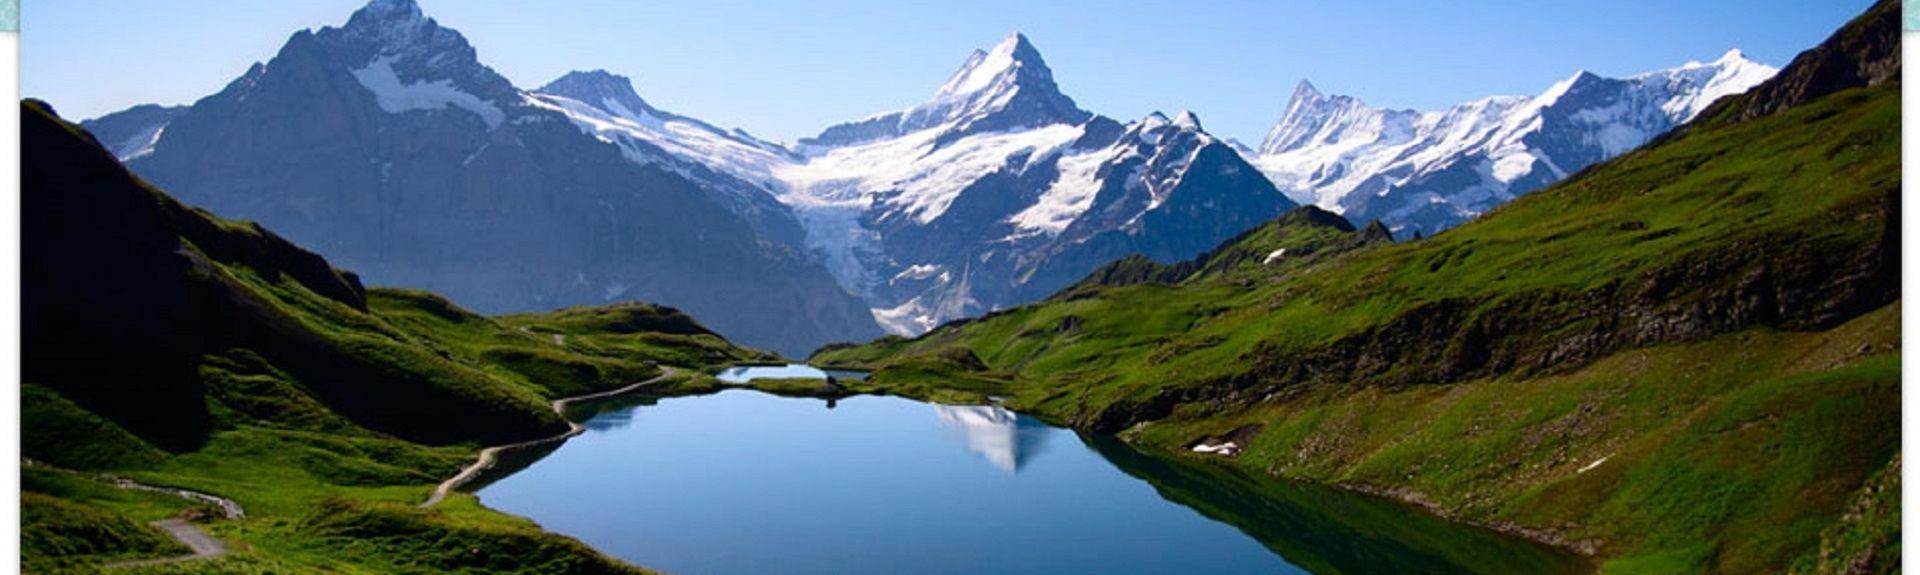 Schluein, Graubuenden, Switzerland